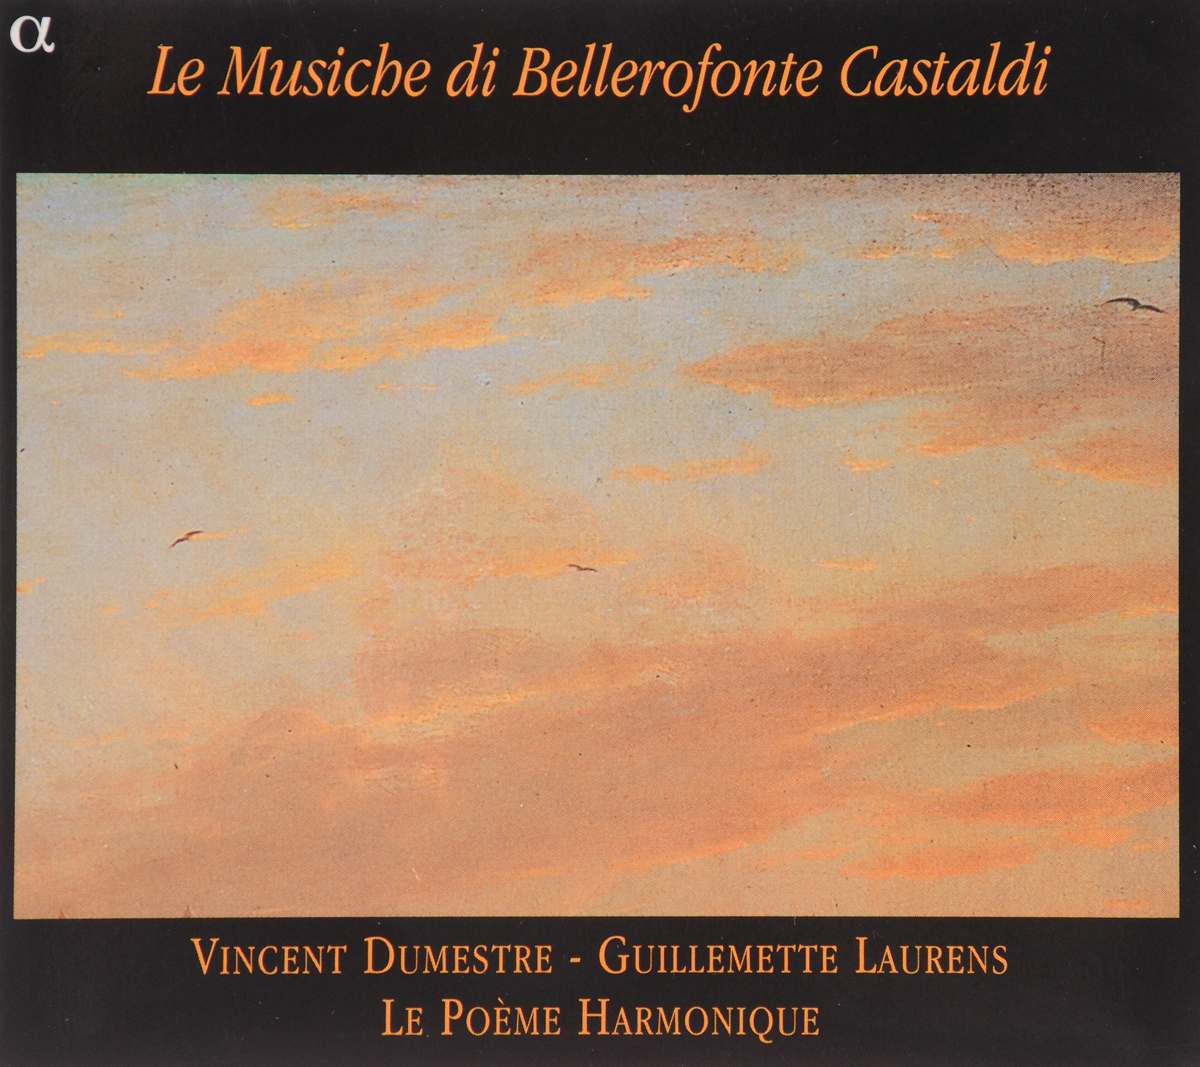 VARIOUS. CASTALDI, BELLEROFONTE / G.LAURENS/ LE POEME HARMONIQUE/ V. DUMESTRE. 1 цена 2017